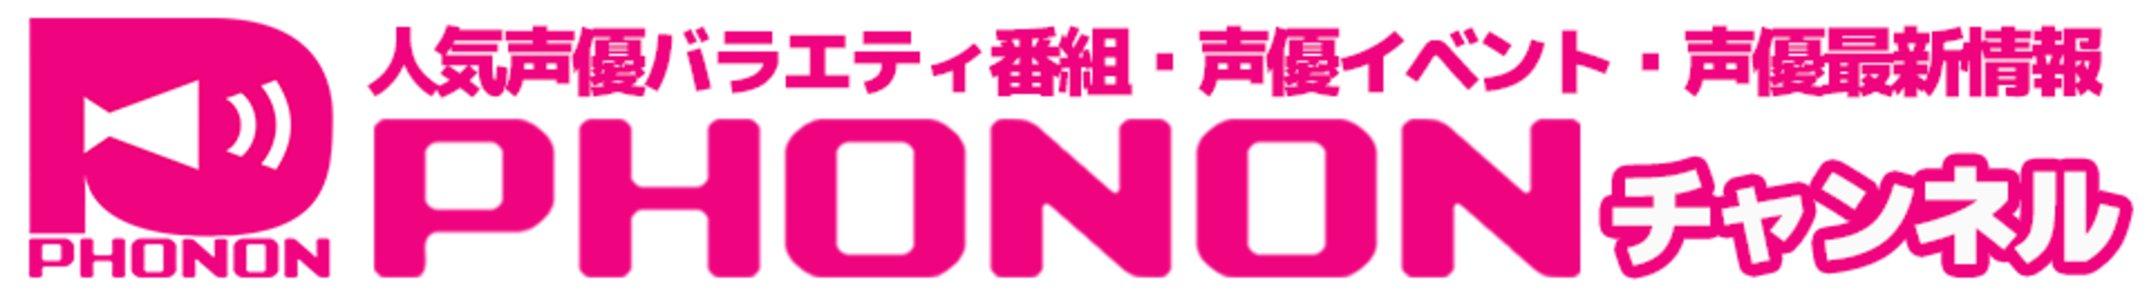 西明日香と吉田有里のお祓え!西神社 Vol.8 DVD発売記念イベント【夜の部】